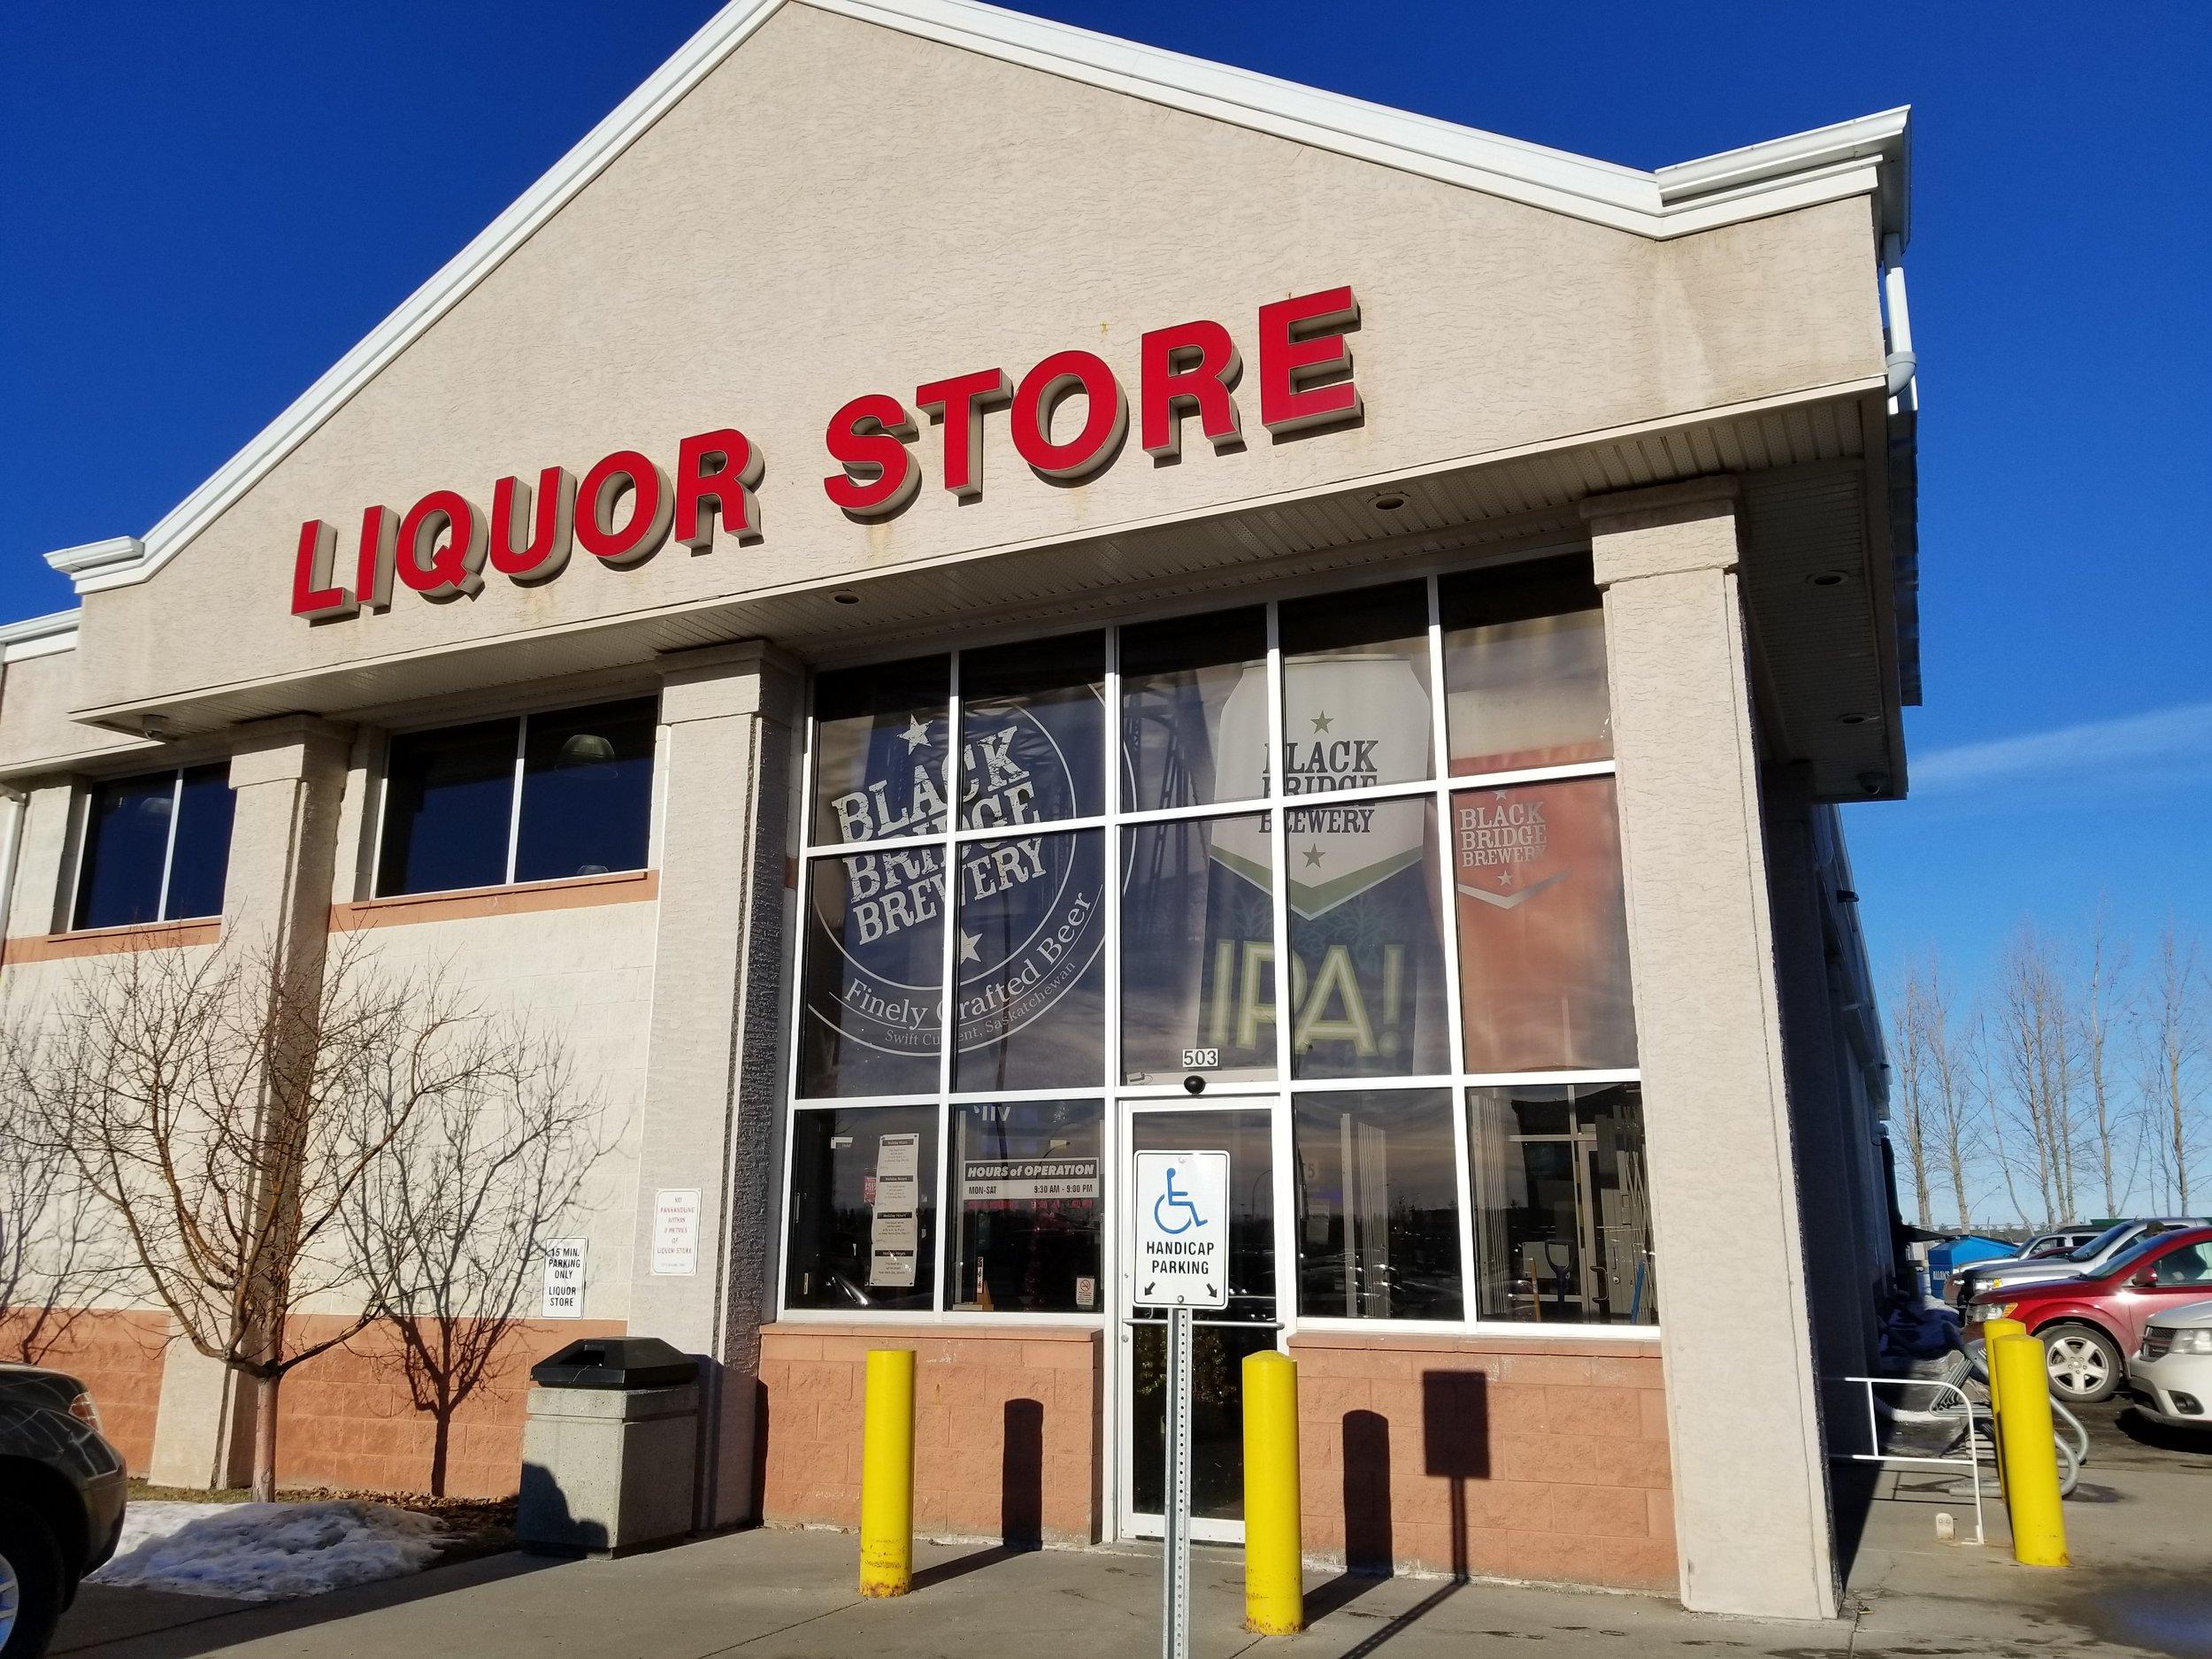 Liquor Board Store, University Heights Saskatoon